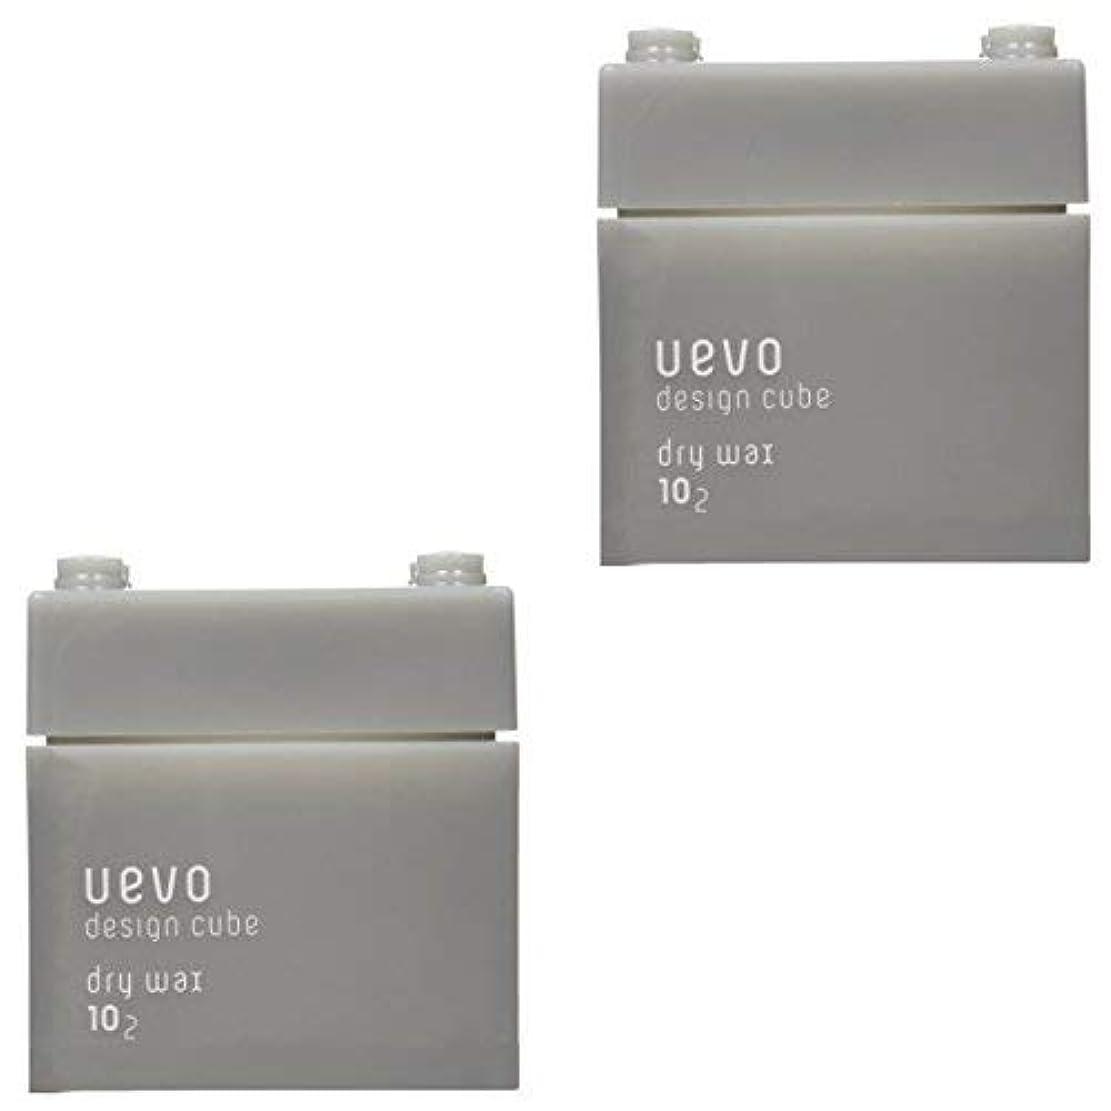 過度に粘液アナウンサー【X2個セット】 デミ ウェーボ デザインキューブ ドライワックス 80g dry wax DEMI uevo design cube